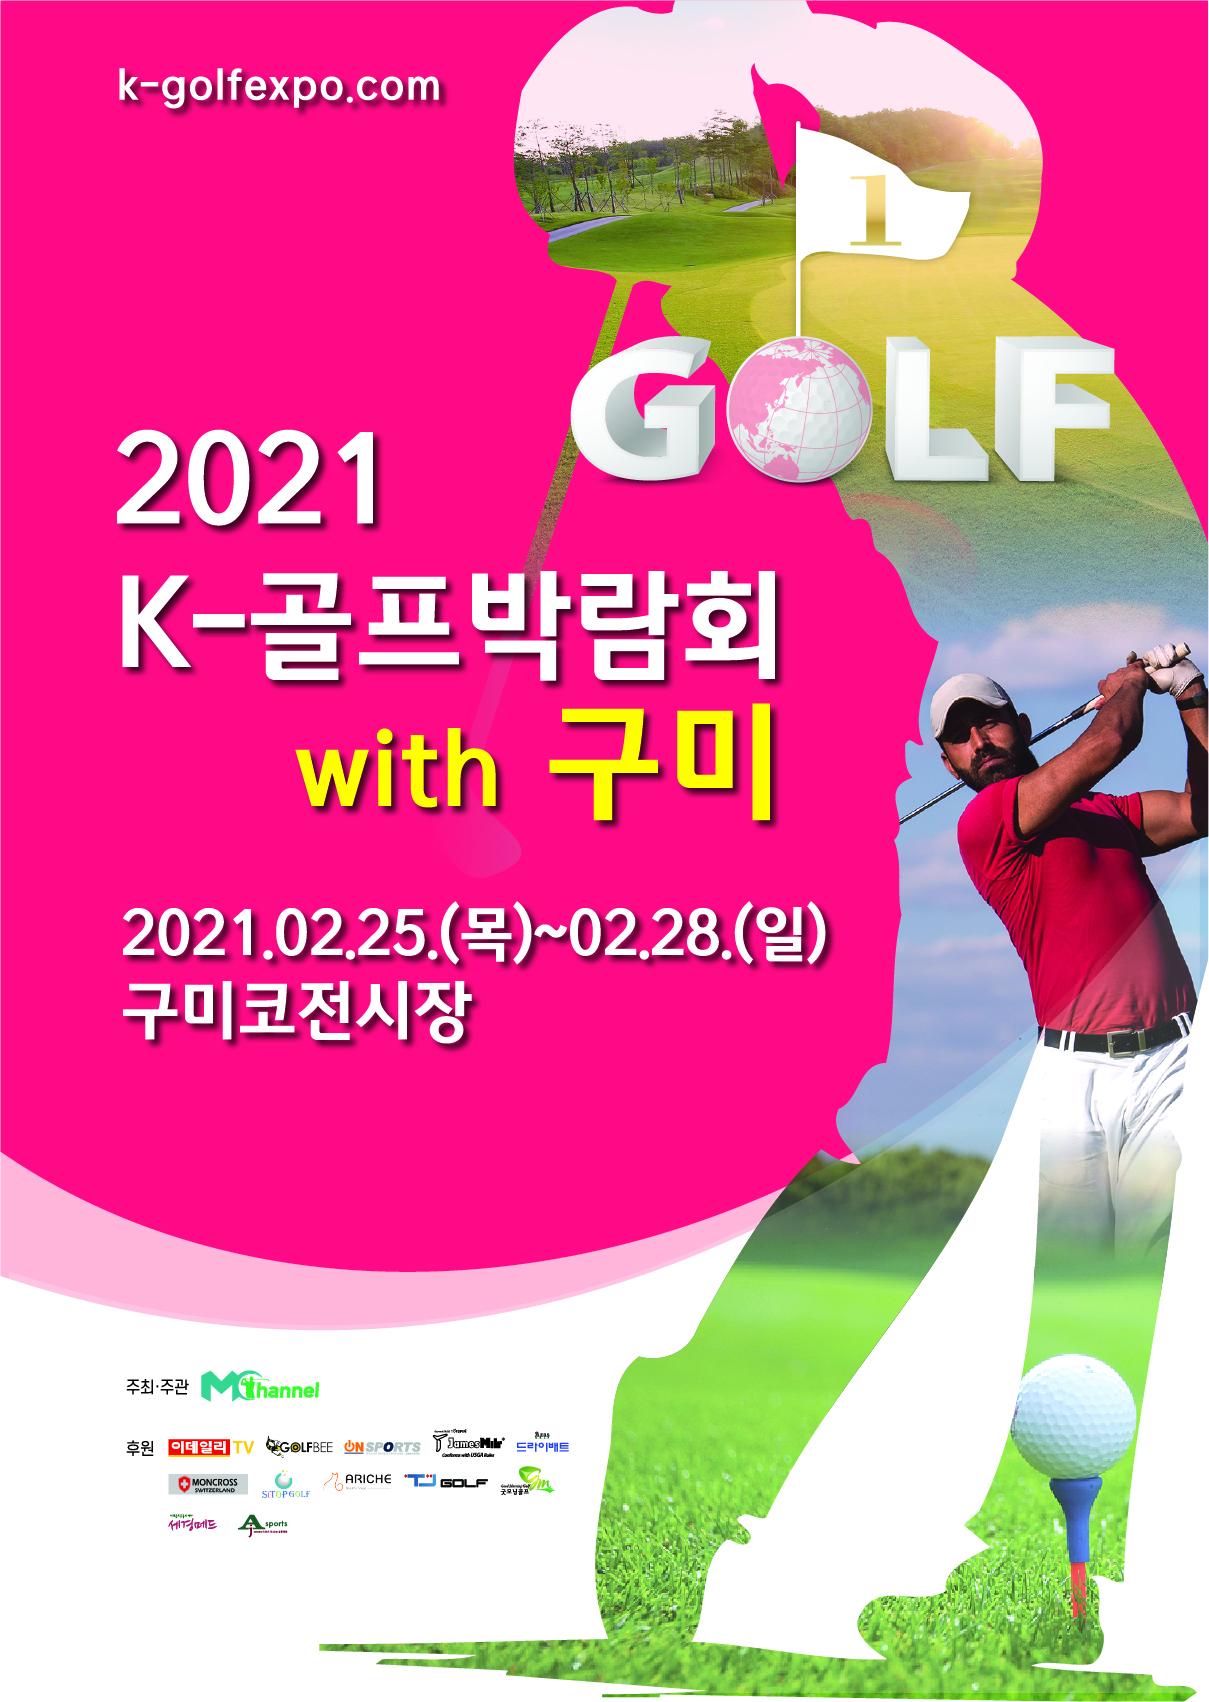 2021 K-골프박람회 with 구미